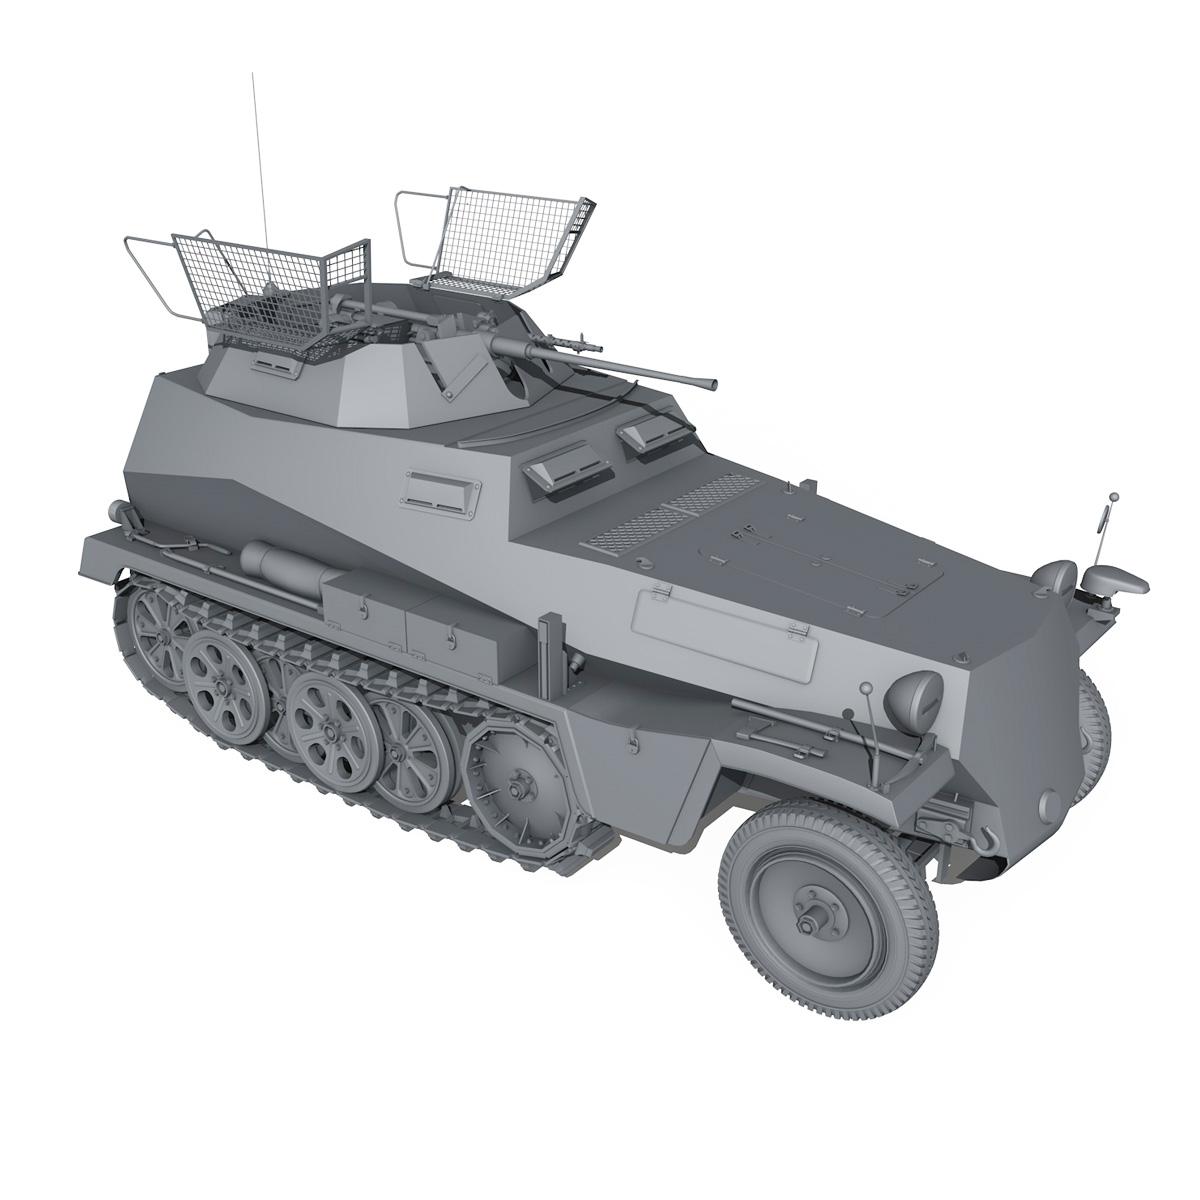 sd.kfz 250/9 – half-track reconnaissance vehicle 3d model 3ds fbx c4d lwo obj 202274